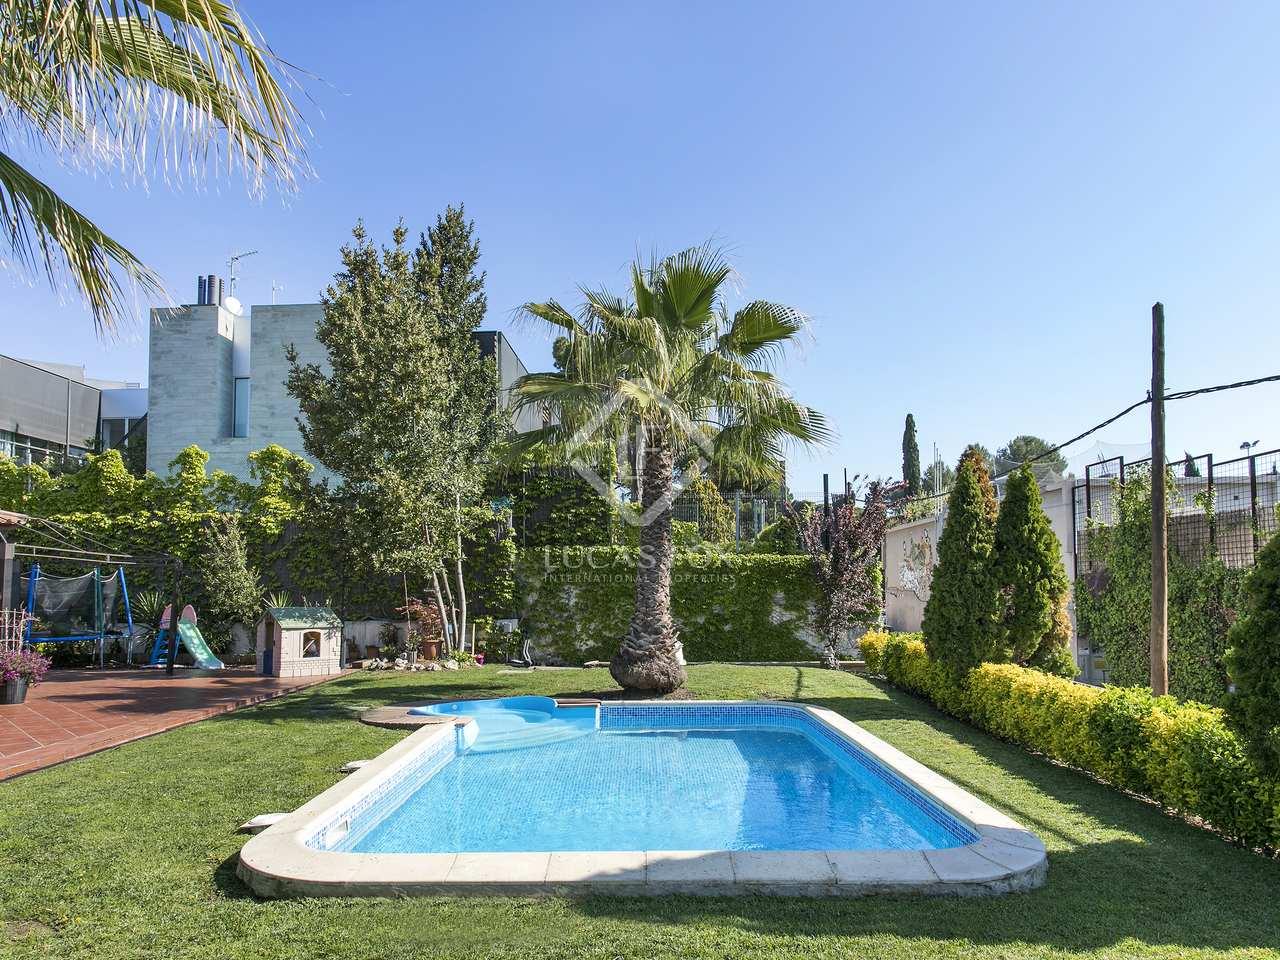 Casa muy grande con jard n y piscina en venta en bellaterra for Piscina jardin centro